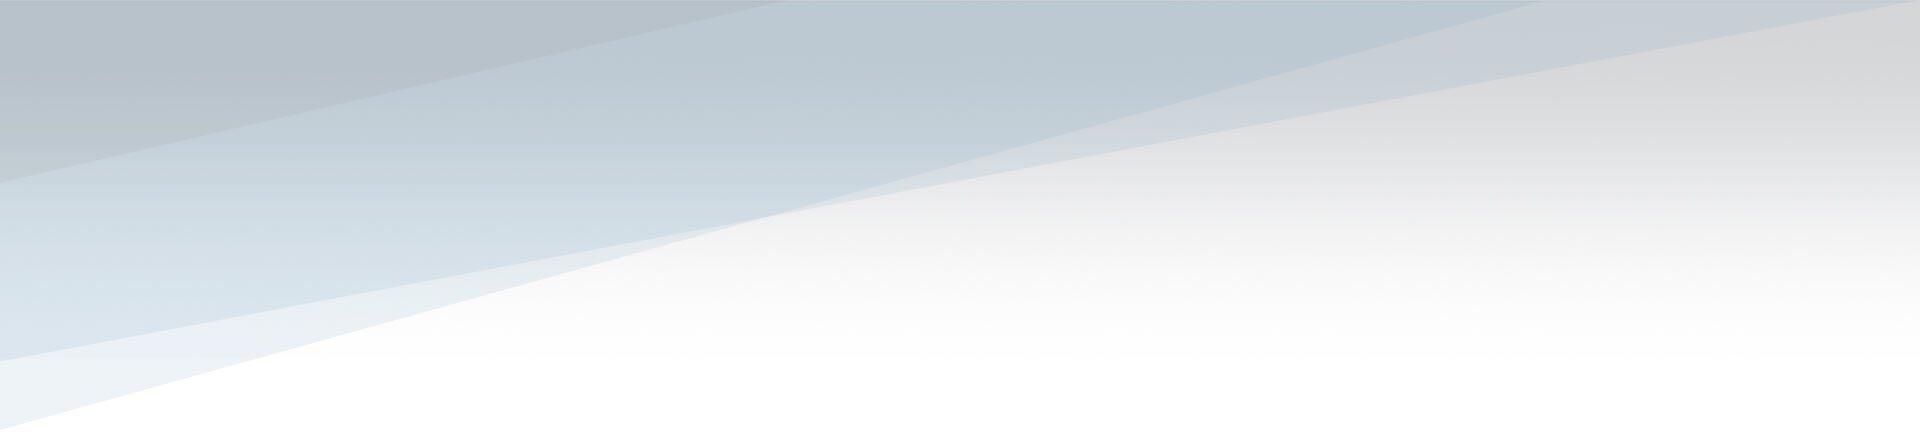 картинки для фона сайта: